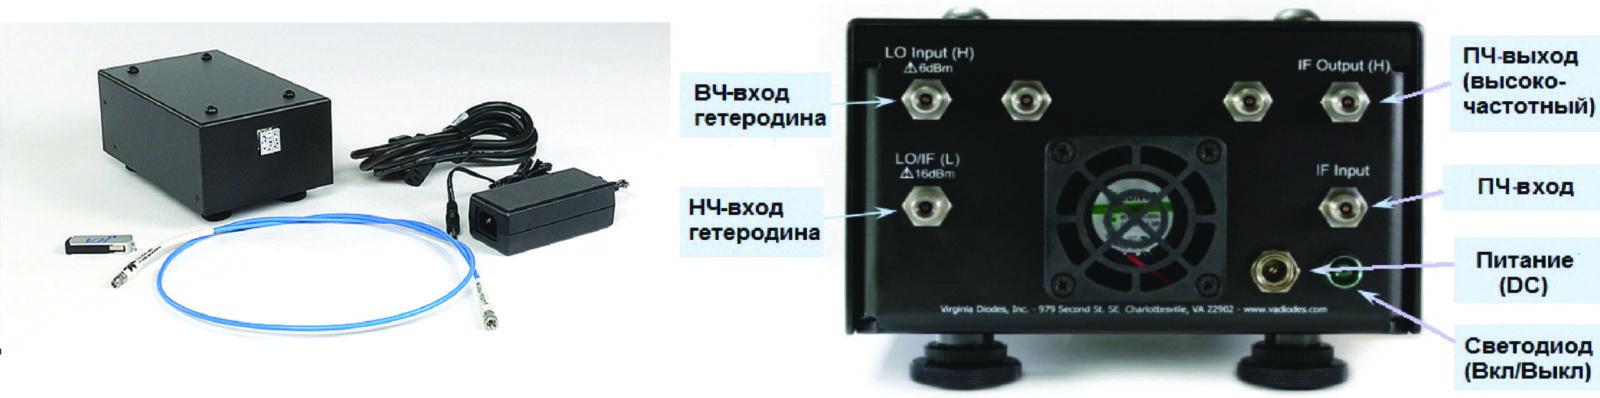 Комплект модуля расширения рабочего диапазона анализатора спектра серии SAX компании Virginia Diodes (VDI) и вид на заднюю панель